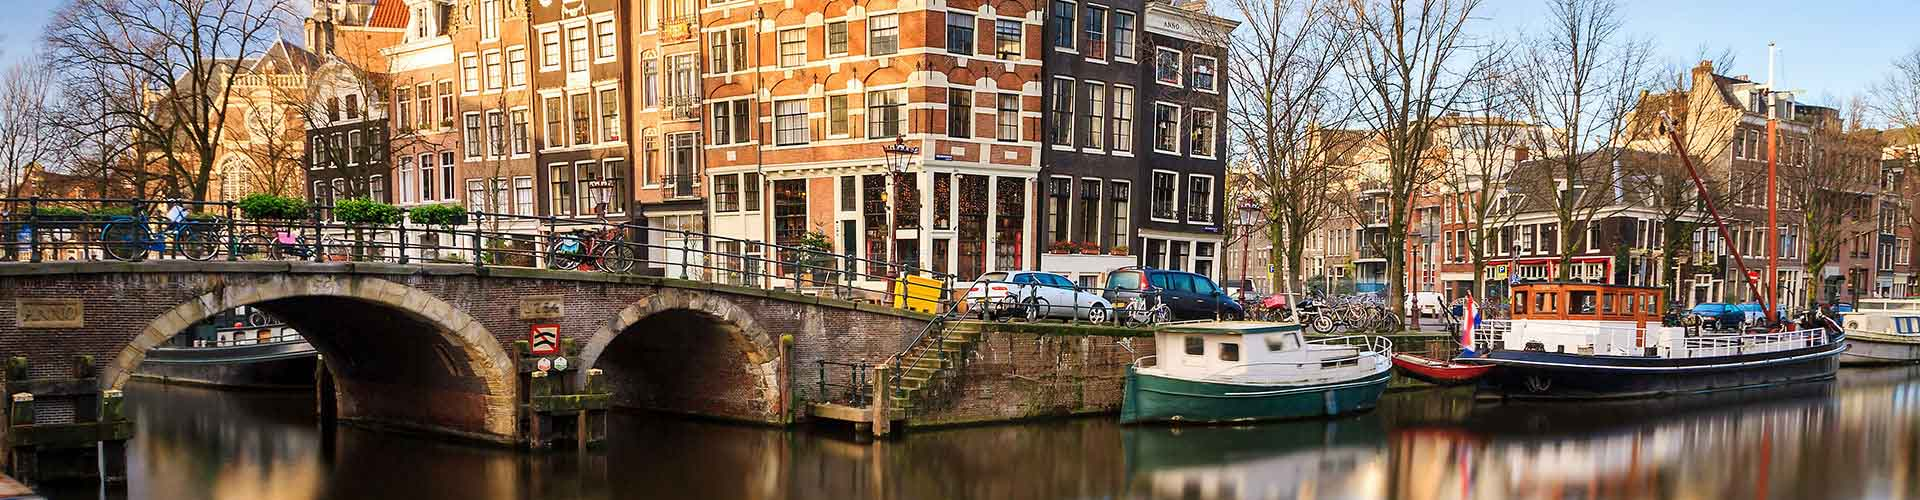 Amsterdam - Appartements près de Amsterdam Lelylaan railway station. Cartes pour Amsterdam, photos et commentaires pour chaque appartement à Amsterdam.